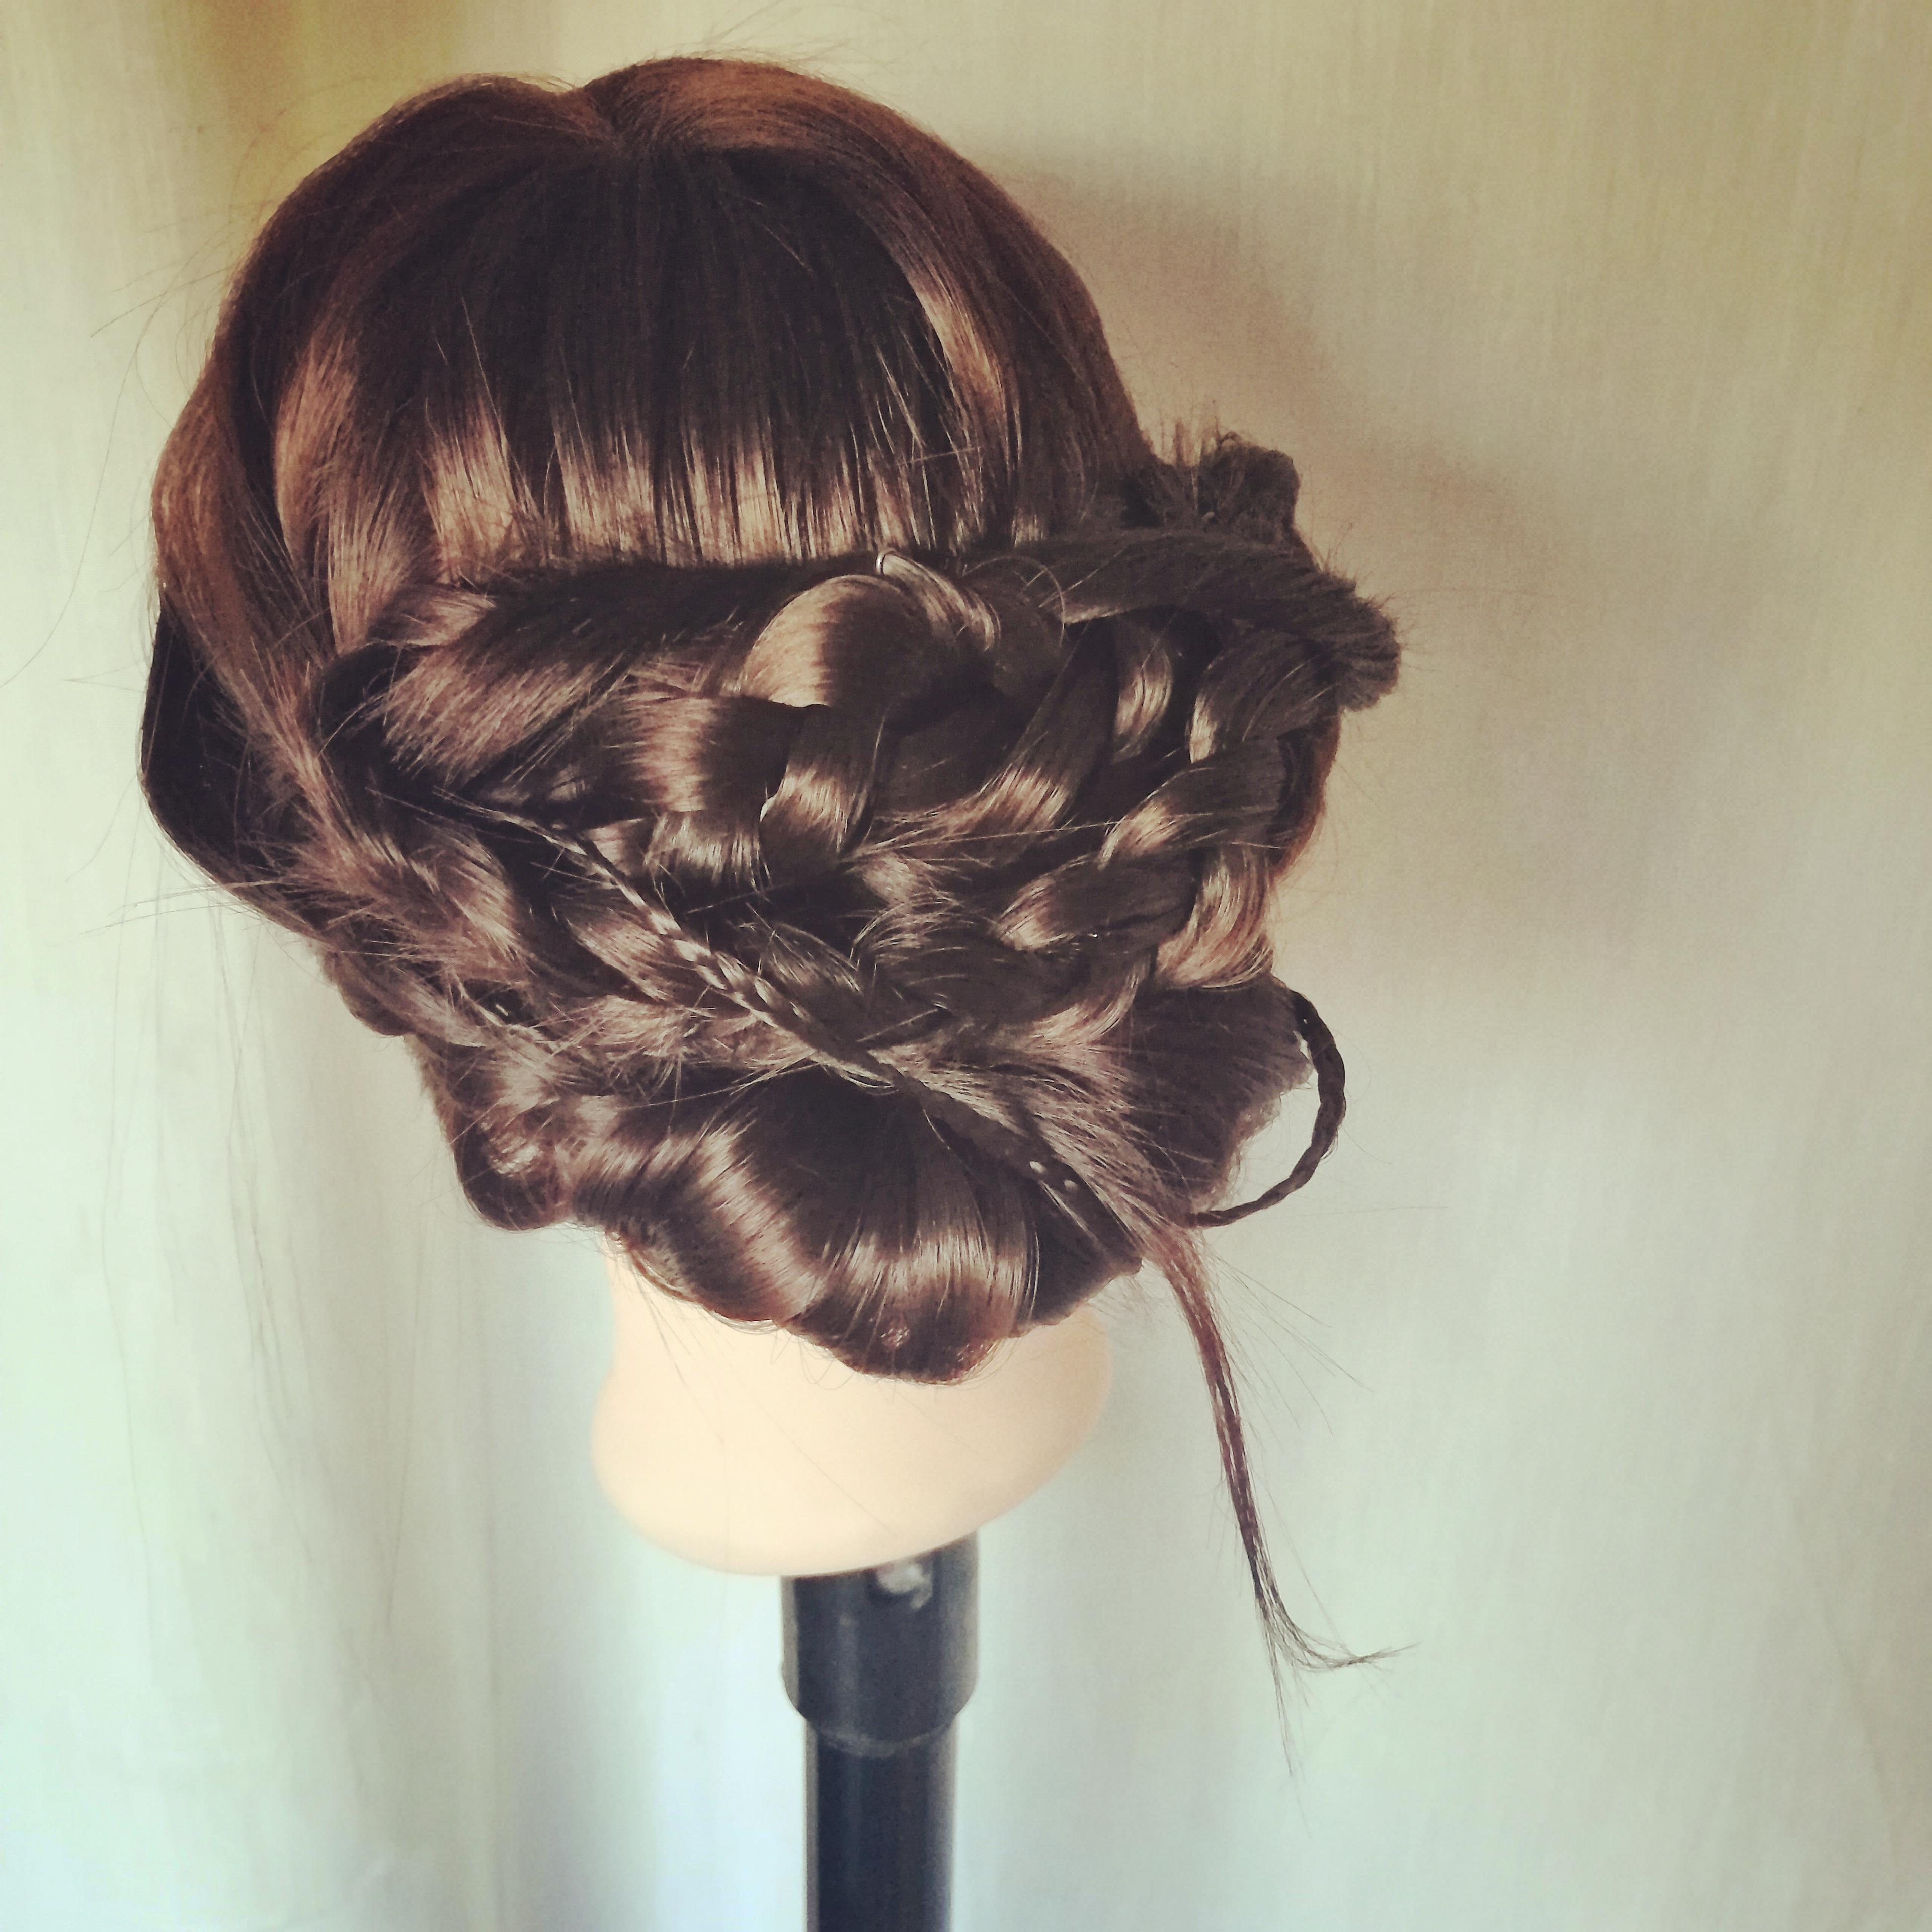 salon de coiffure afro tresse tresses box braids crochet braids vanilles tissages paris 75 77 78 91 92 93 94 95 XYNWWCEQ